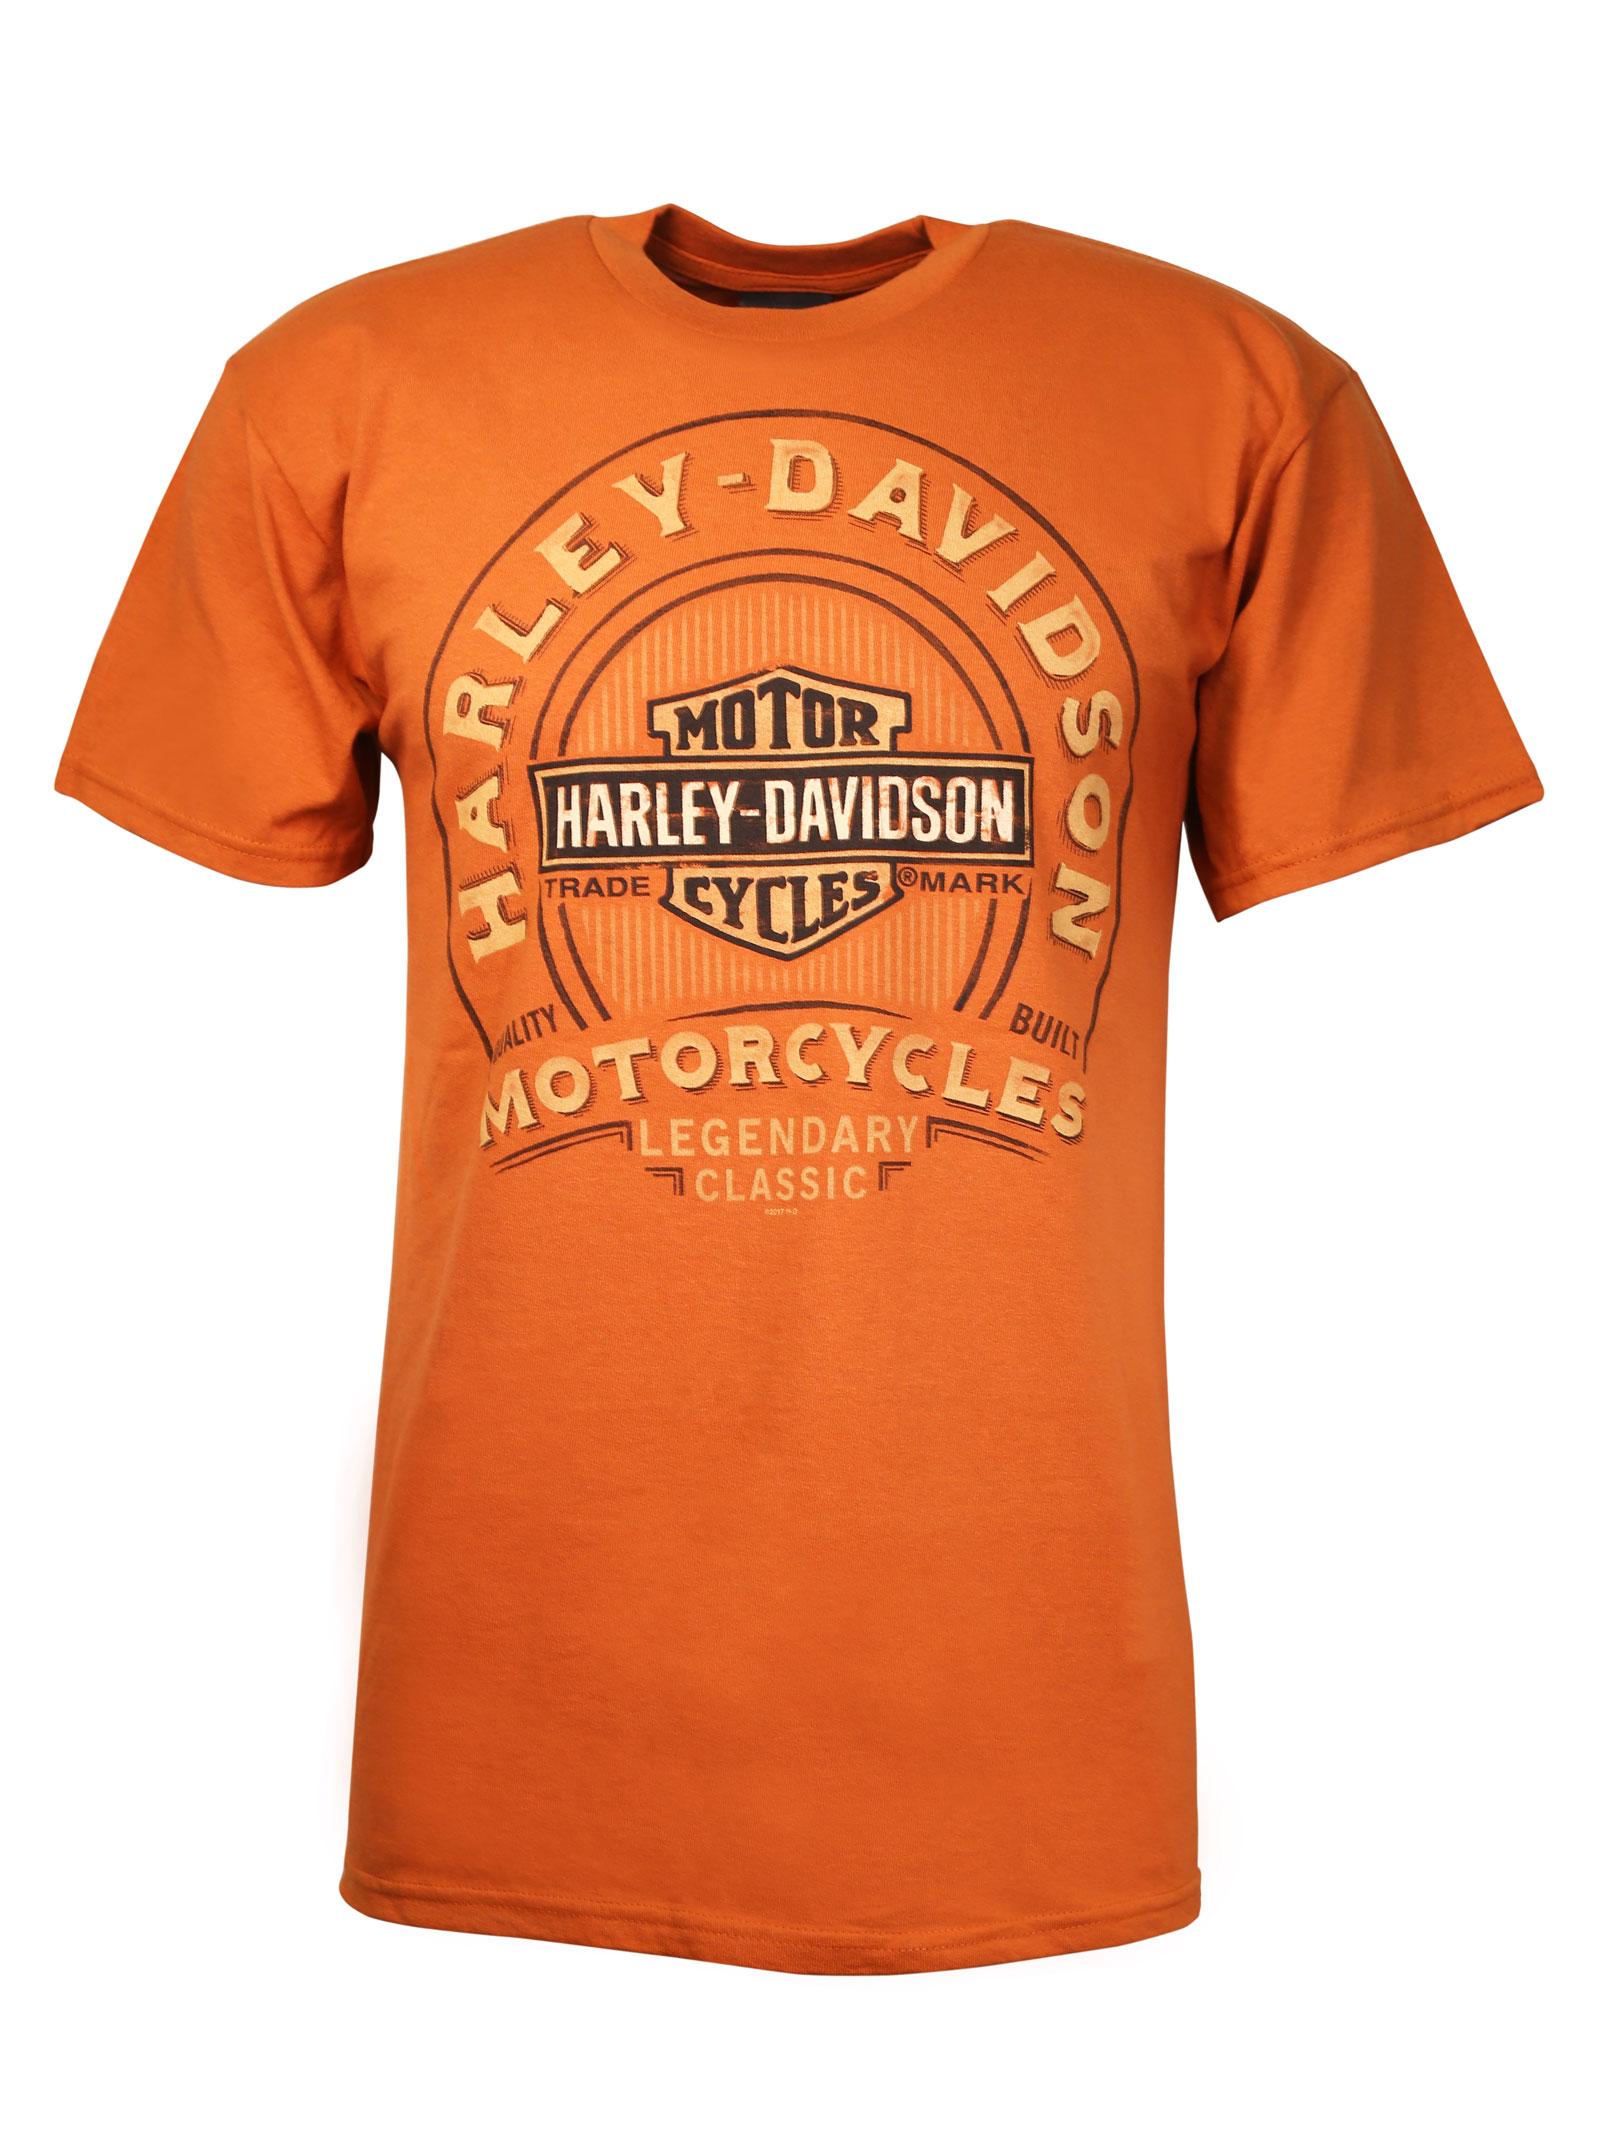 harley davidson t shirt empowered heritage at thunderbike shop. Black Bedroom Furniture Sets. Home Design Ideas